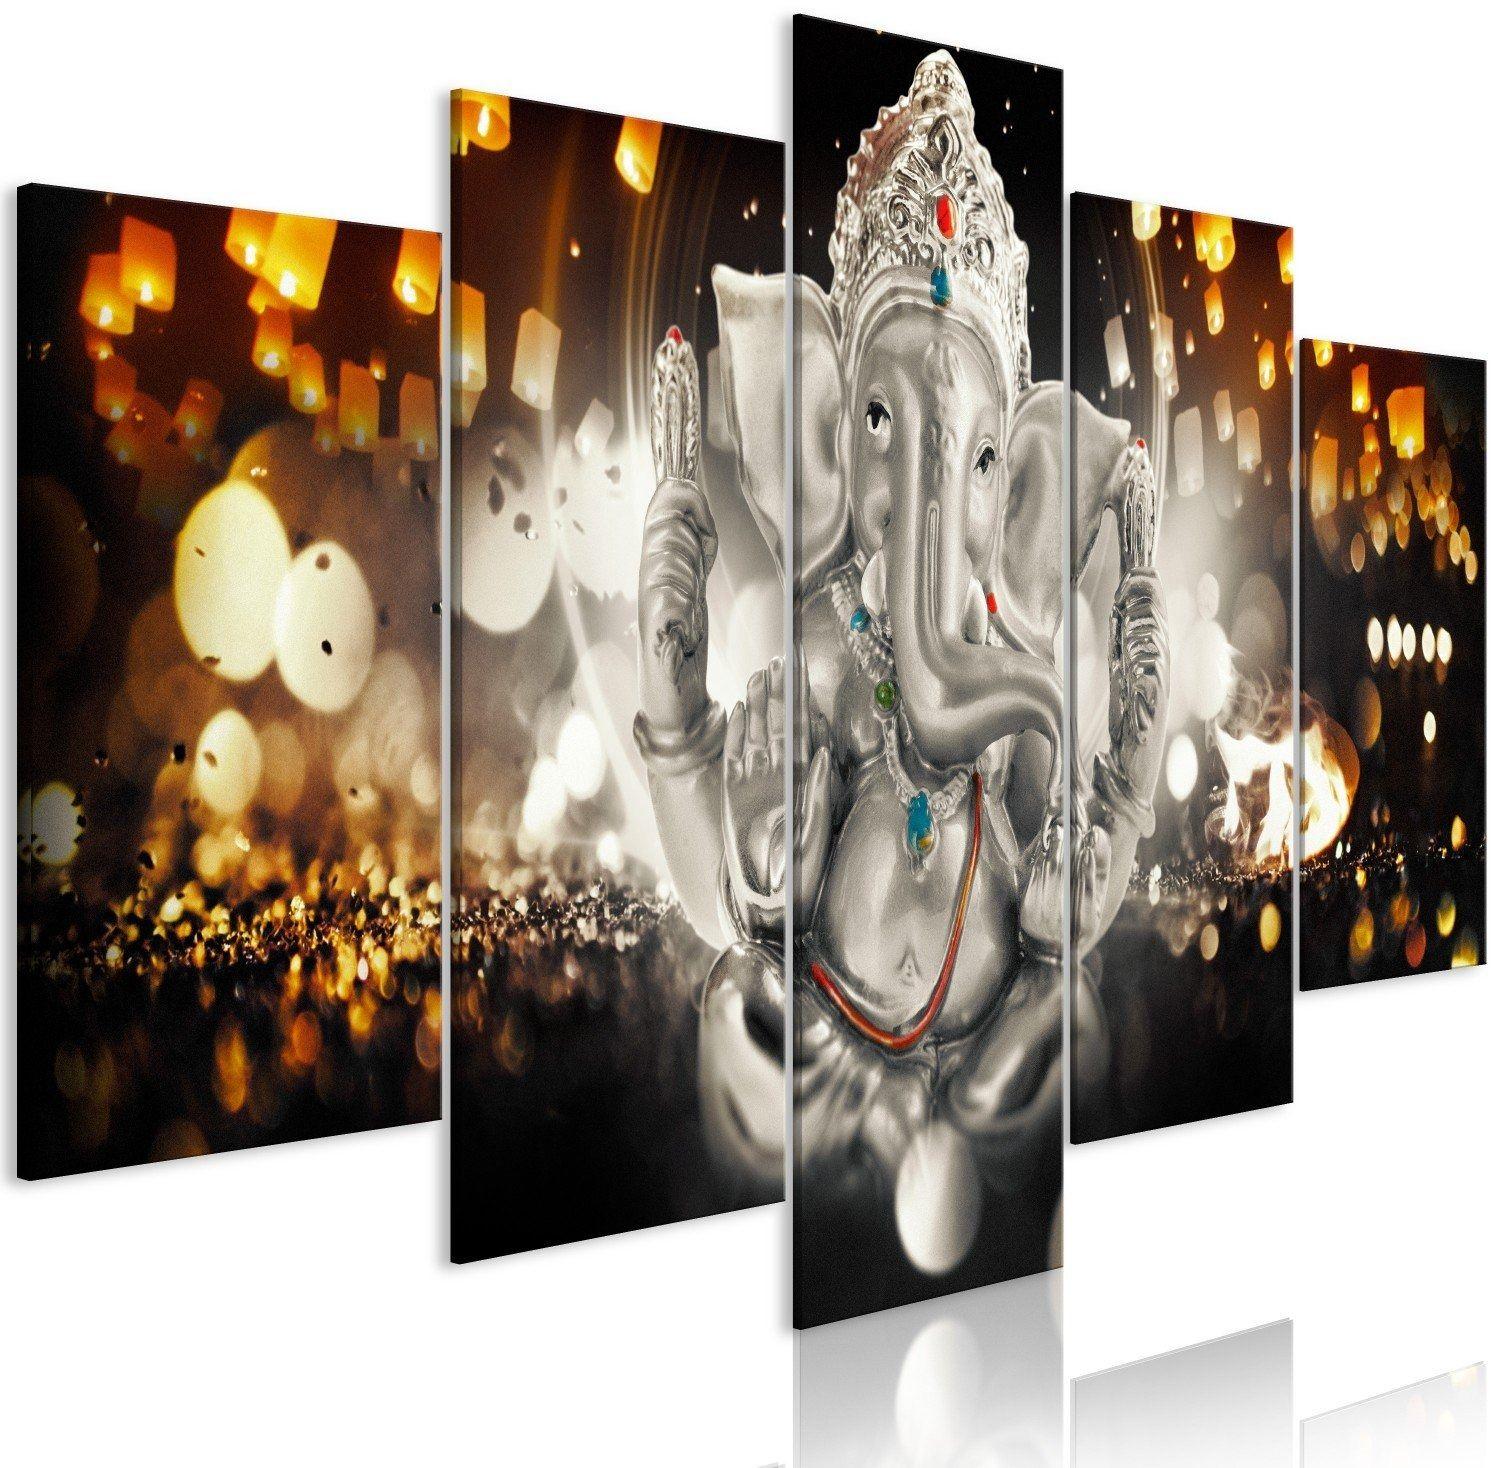 Obraz - filozofia buddy (5-częściowy) srebrny szeroki